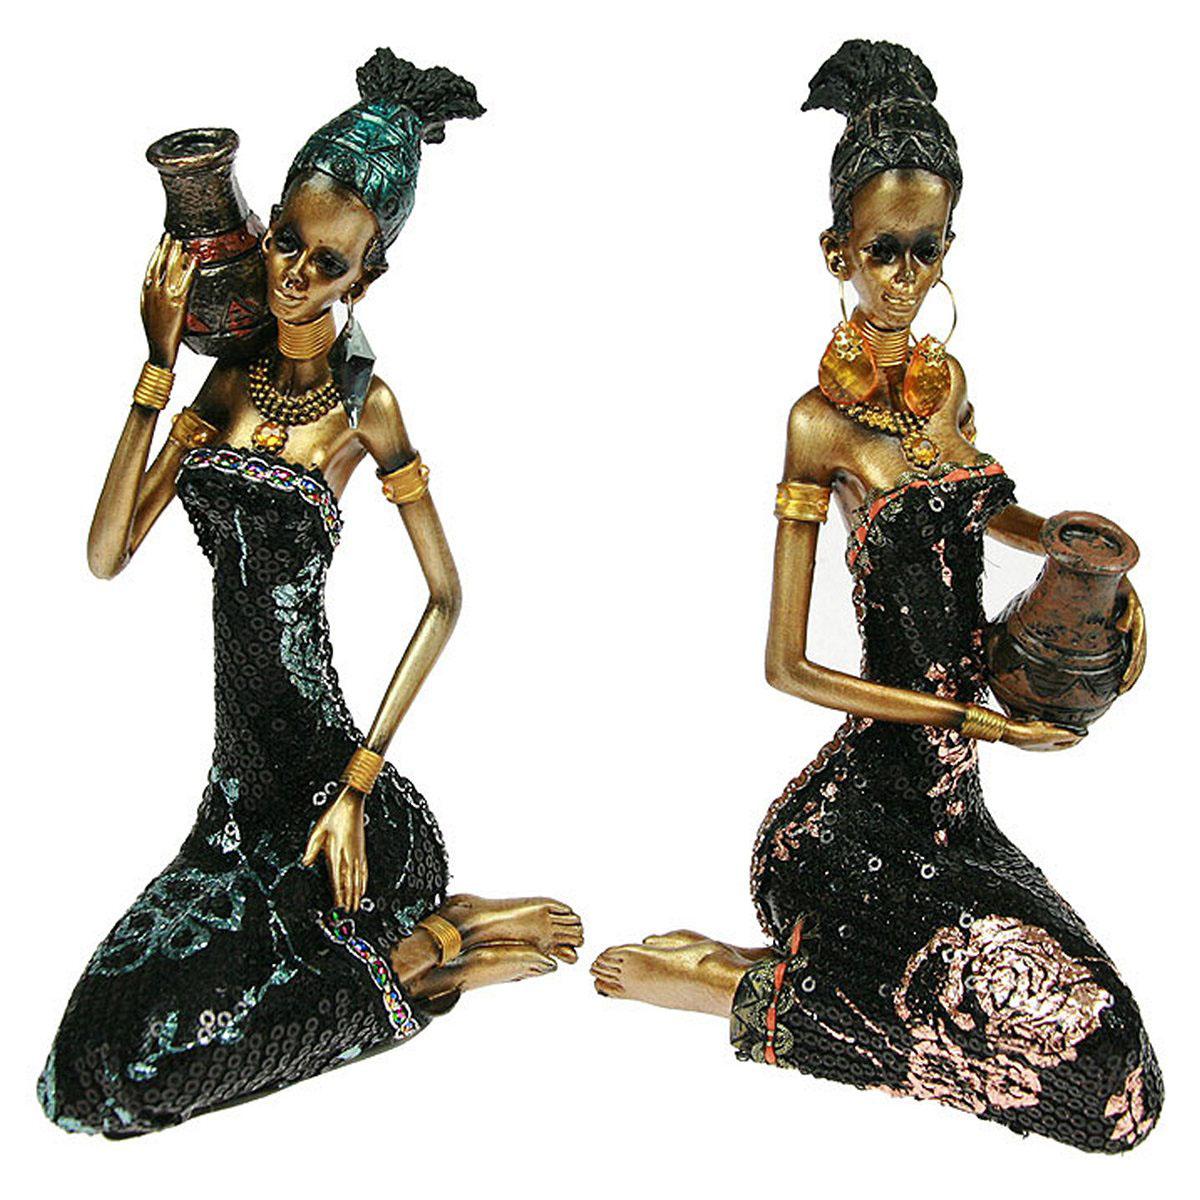 Статуэтка Русские Подарки Африканка, 10 х 11 х 19 см74-0120Статуэтка Русские Подарки Африканка, изготовленная из полистоуна, имеет изысканный внешний вид. Изделие станет прекрасным украшением интерьера гостиной, офиса или дома. Вы можете поставить статуэтку в любое место, где она будет удачно смотреться и радовать глаз. Правила ухода: регулярно вытирать пыль сухой, мягкой тканью.